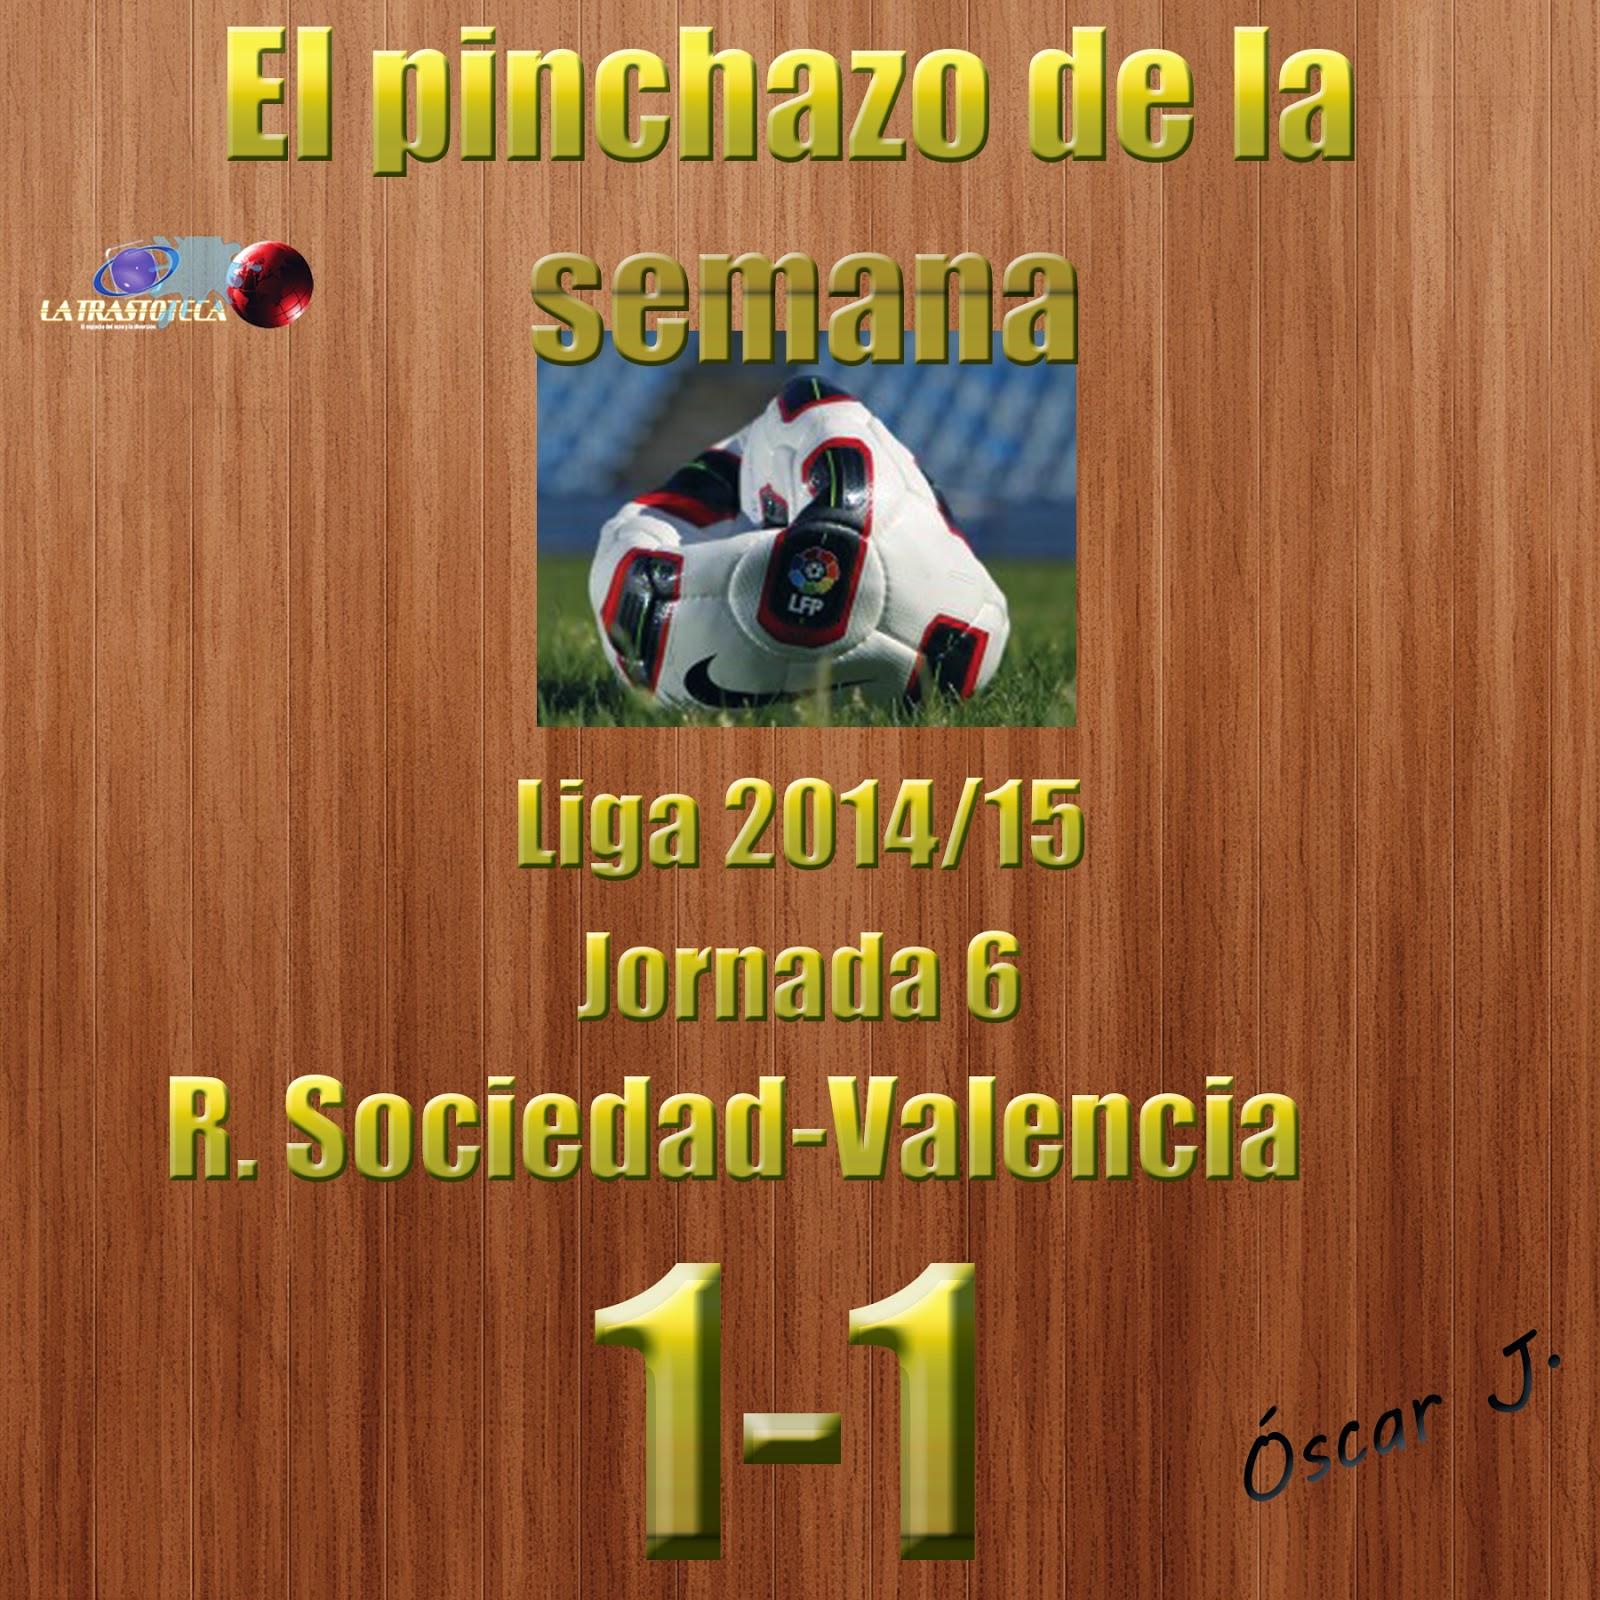 Real Sociedad 1-1 Valencia. Liga 2014/15 - Jornada 6. El pinchazo de la semana.